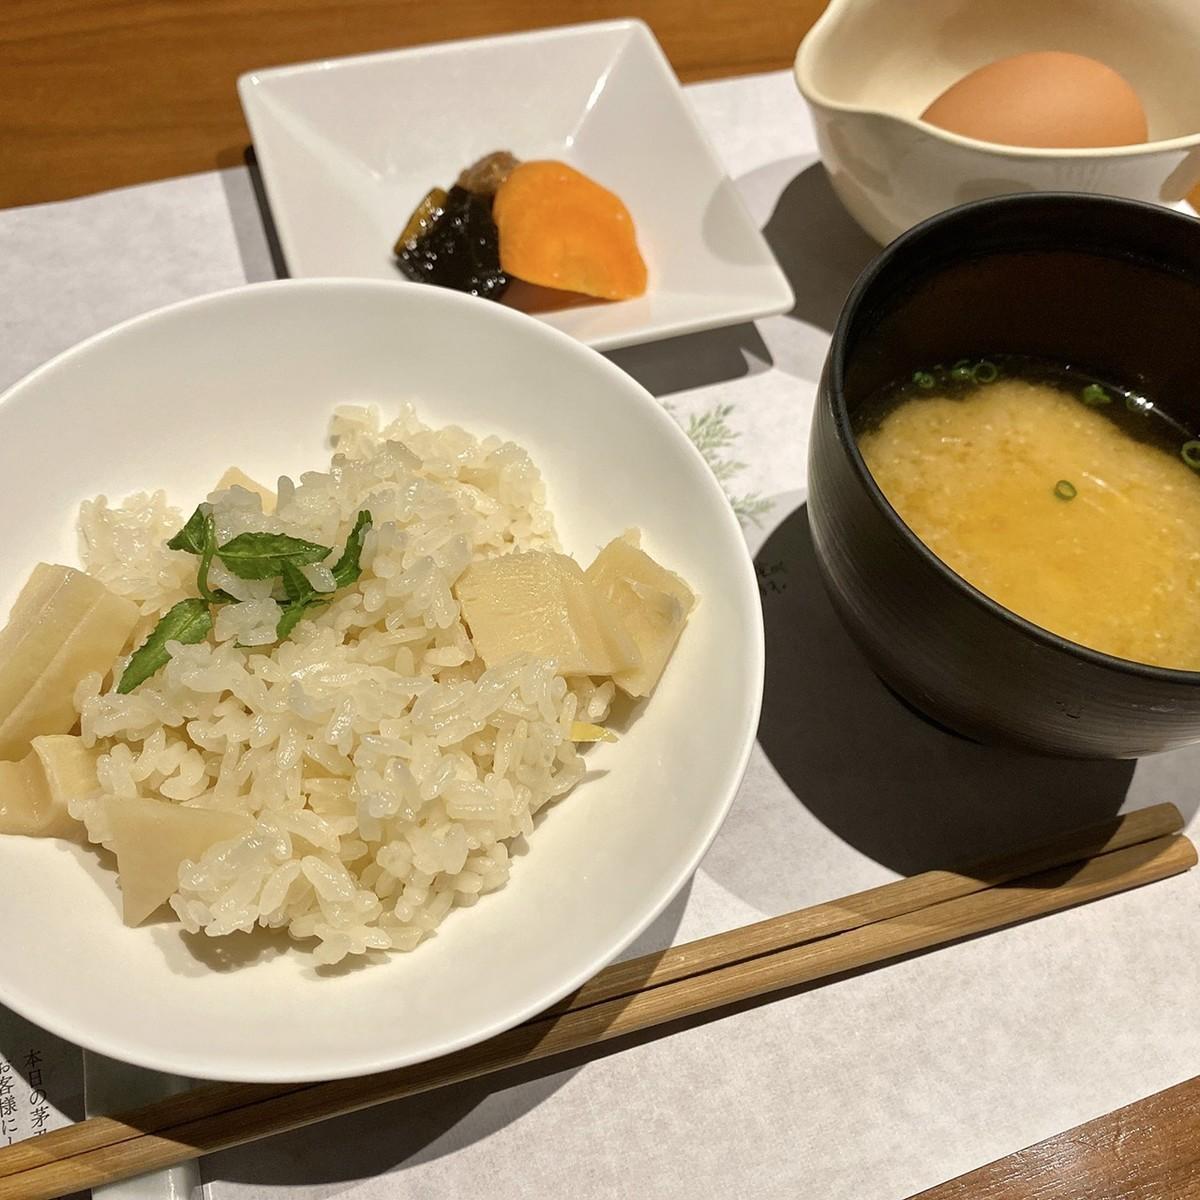 筍の窯炊きご飯 味噌汁 季節の香の物